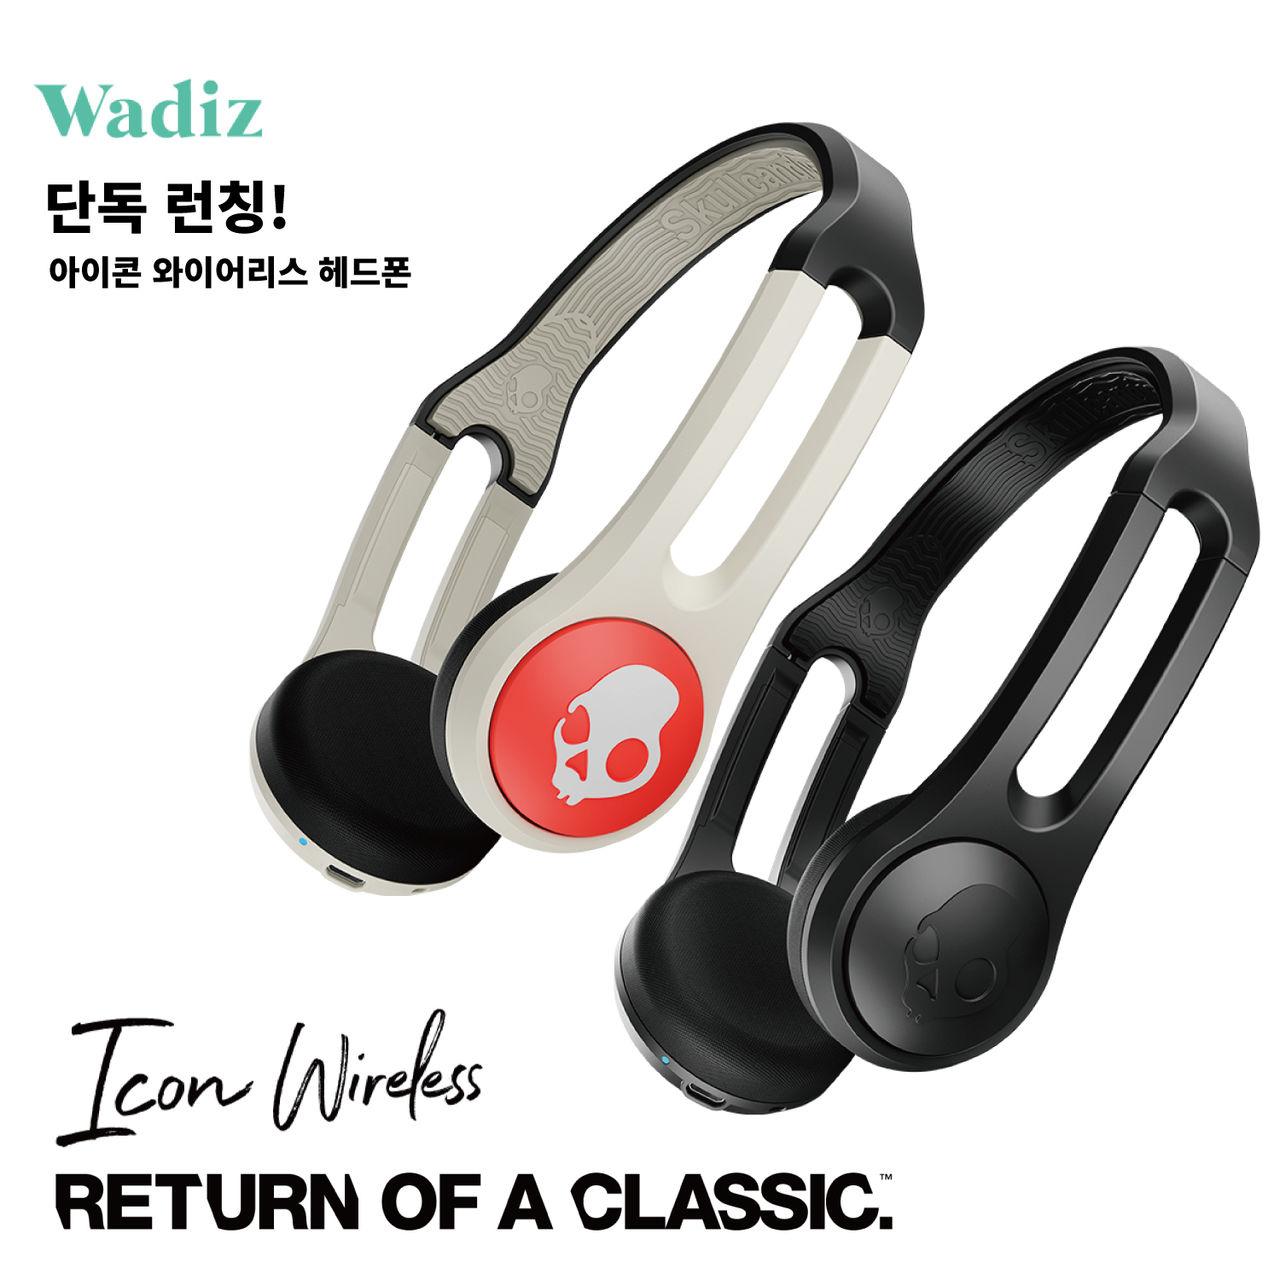 스노우보드 헤드폰 아이콘 와이어리스 (Icon Wireless)